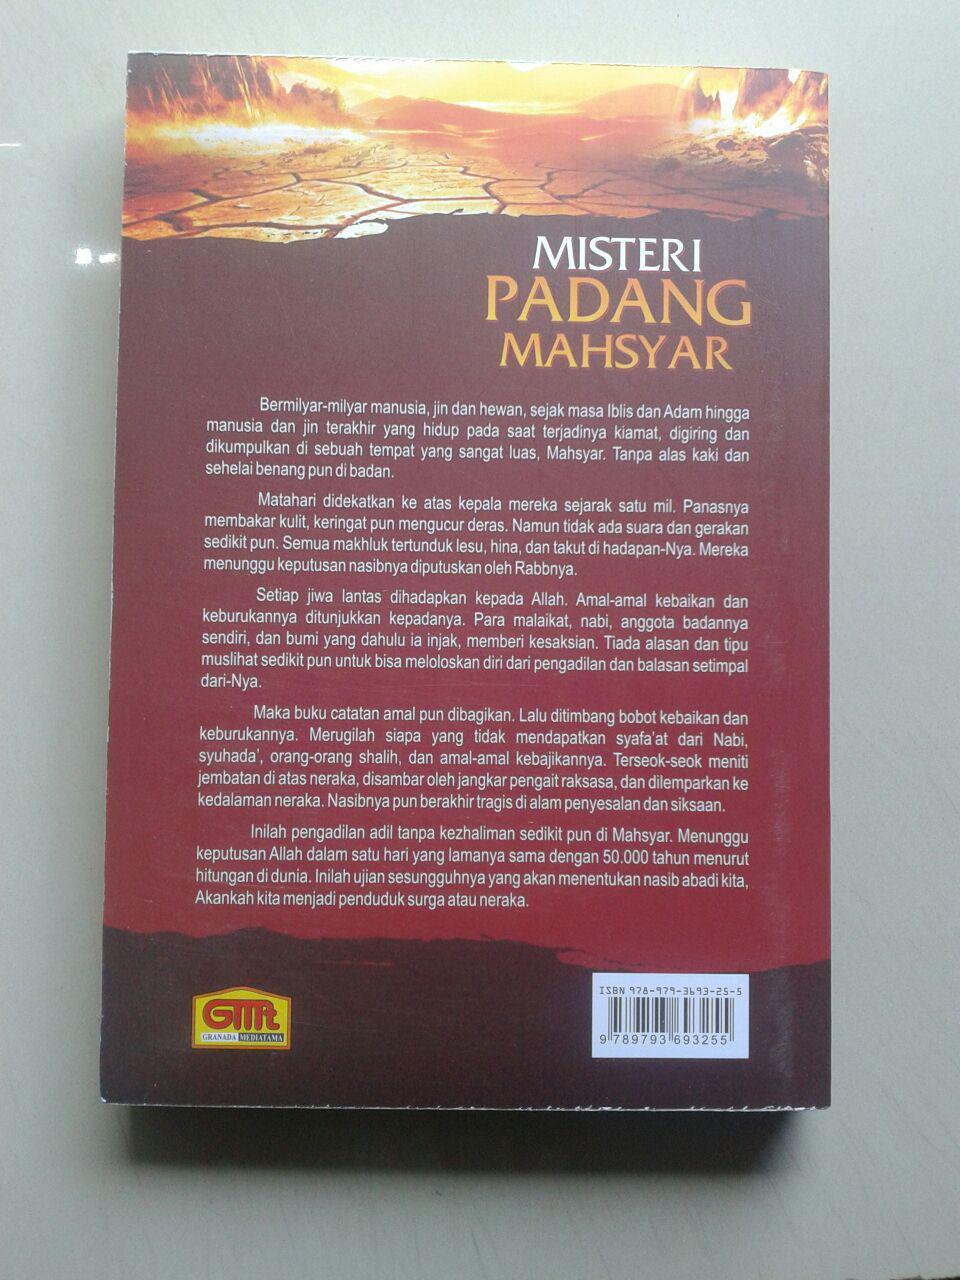 Buku Misteri Padang Mahsyar cover